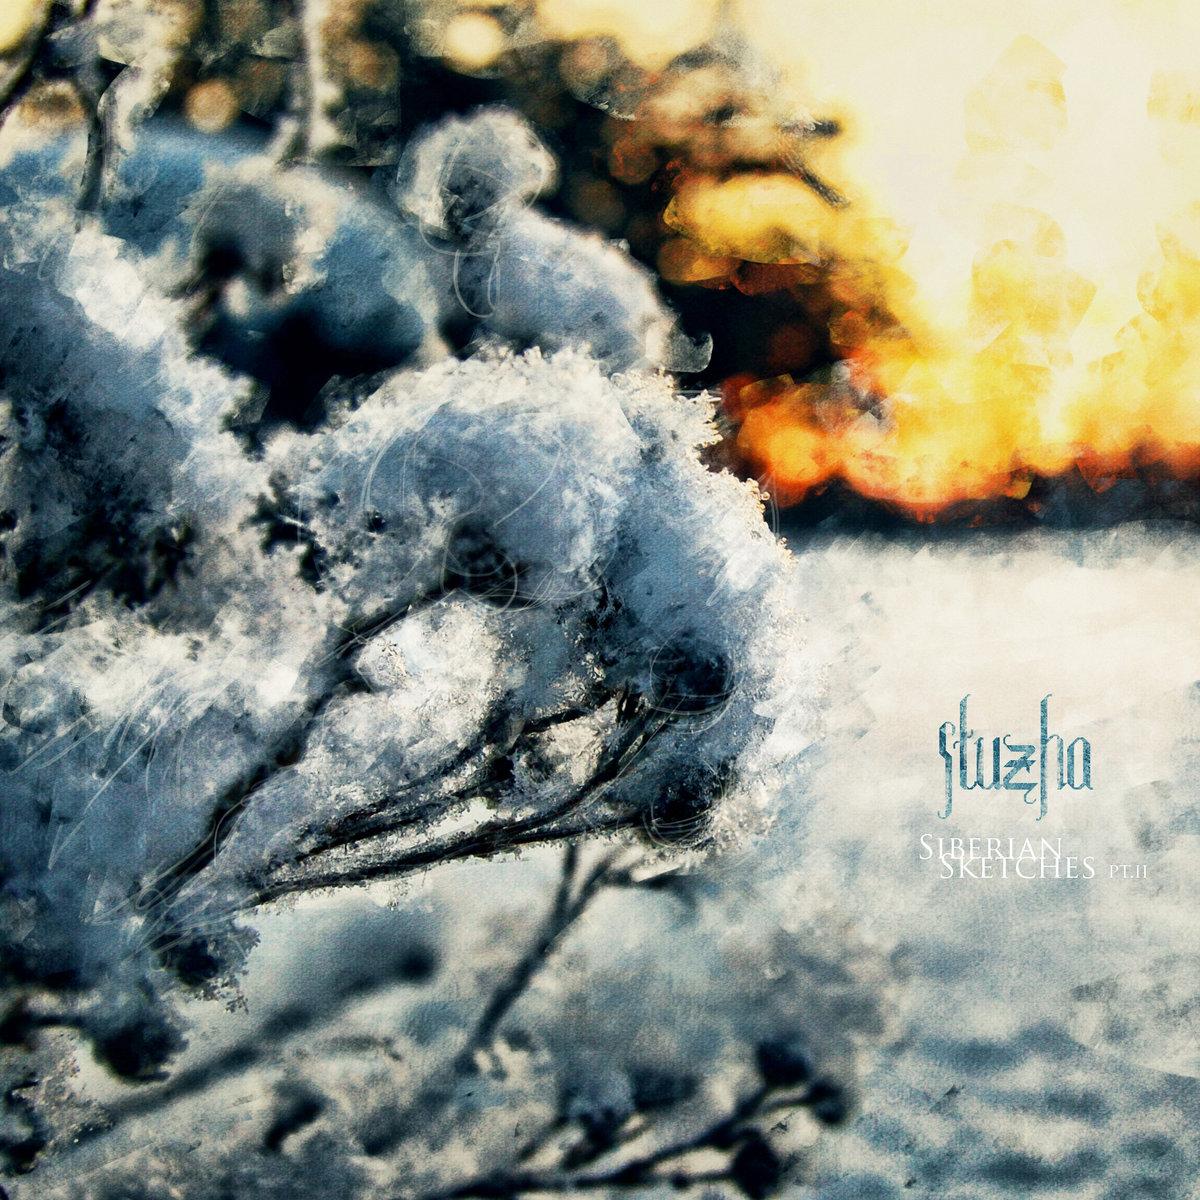 Stuzha: Siberian Sketches pt.II 【予約受付中】